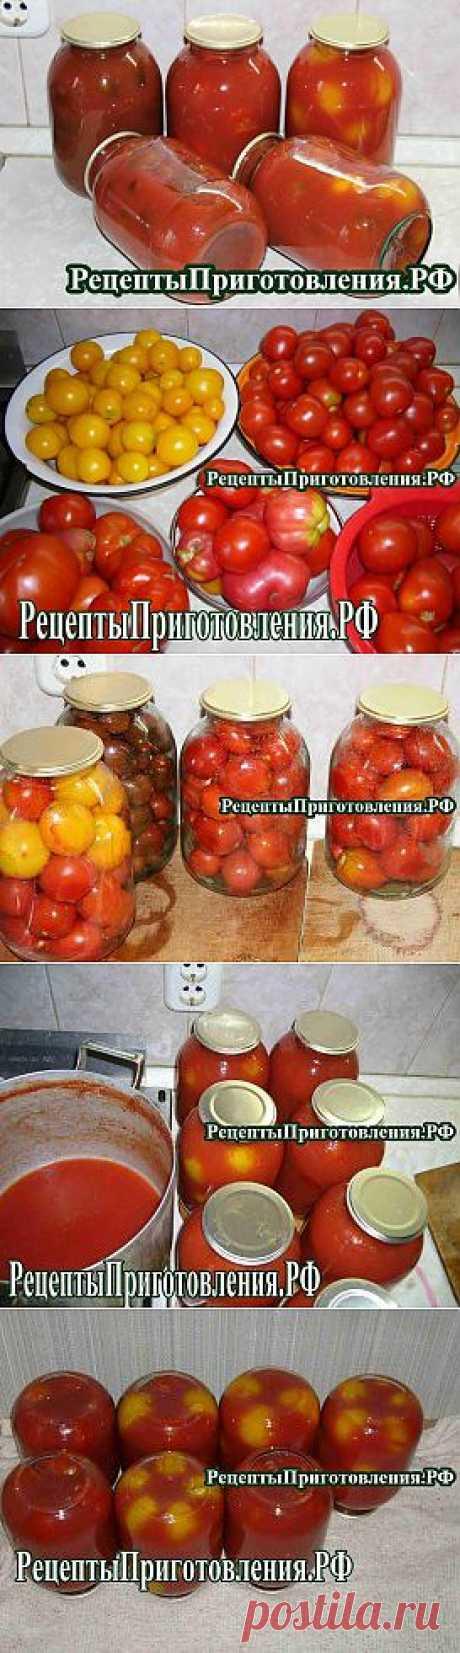 Помидоры в собственном соку, пошаговый рецепт приготовления на зиму с фото | Рецепты Приготовления.рф